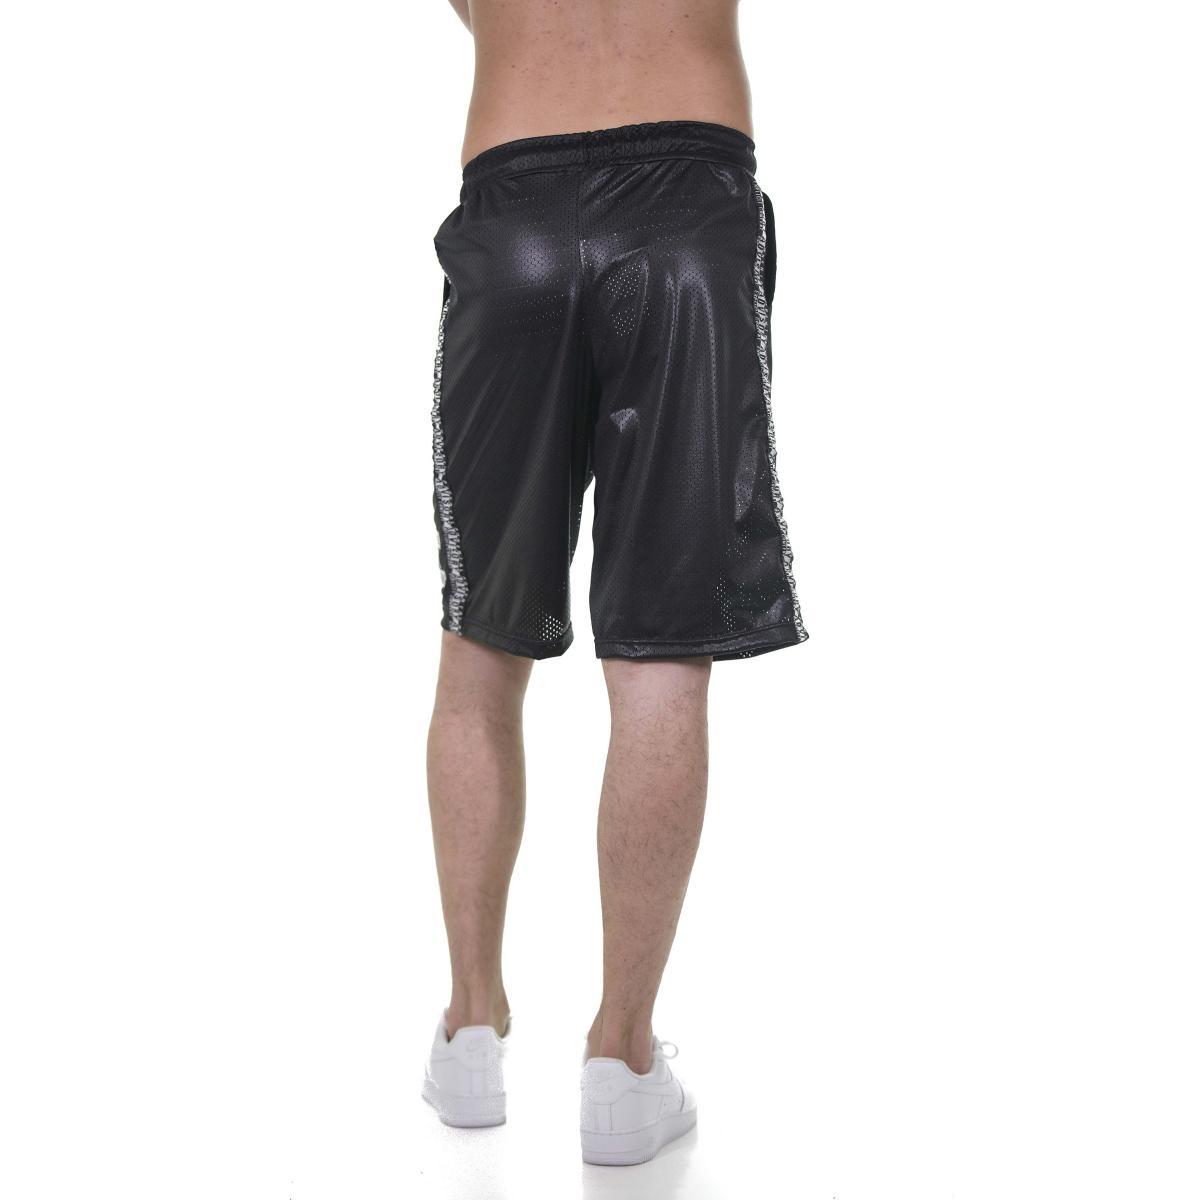 """Bermuda shorts uomo""""Parental Advisory Explicit Content"""" originale - rif.AD920U"""